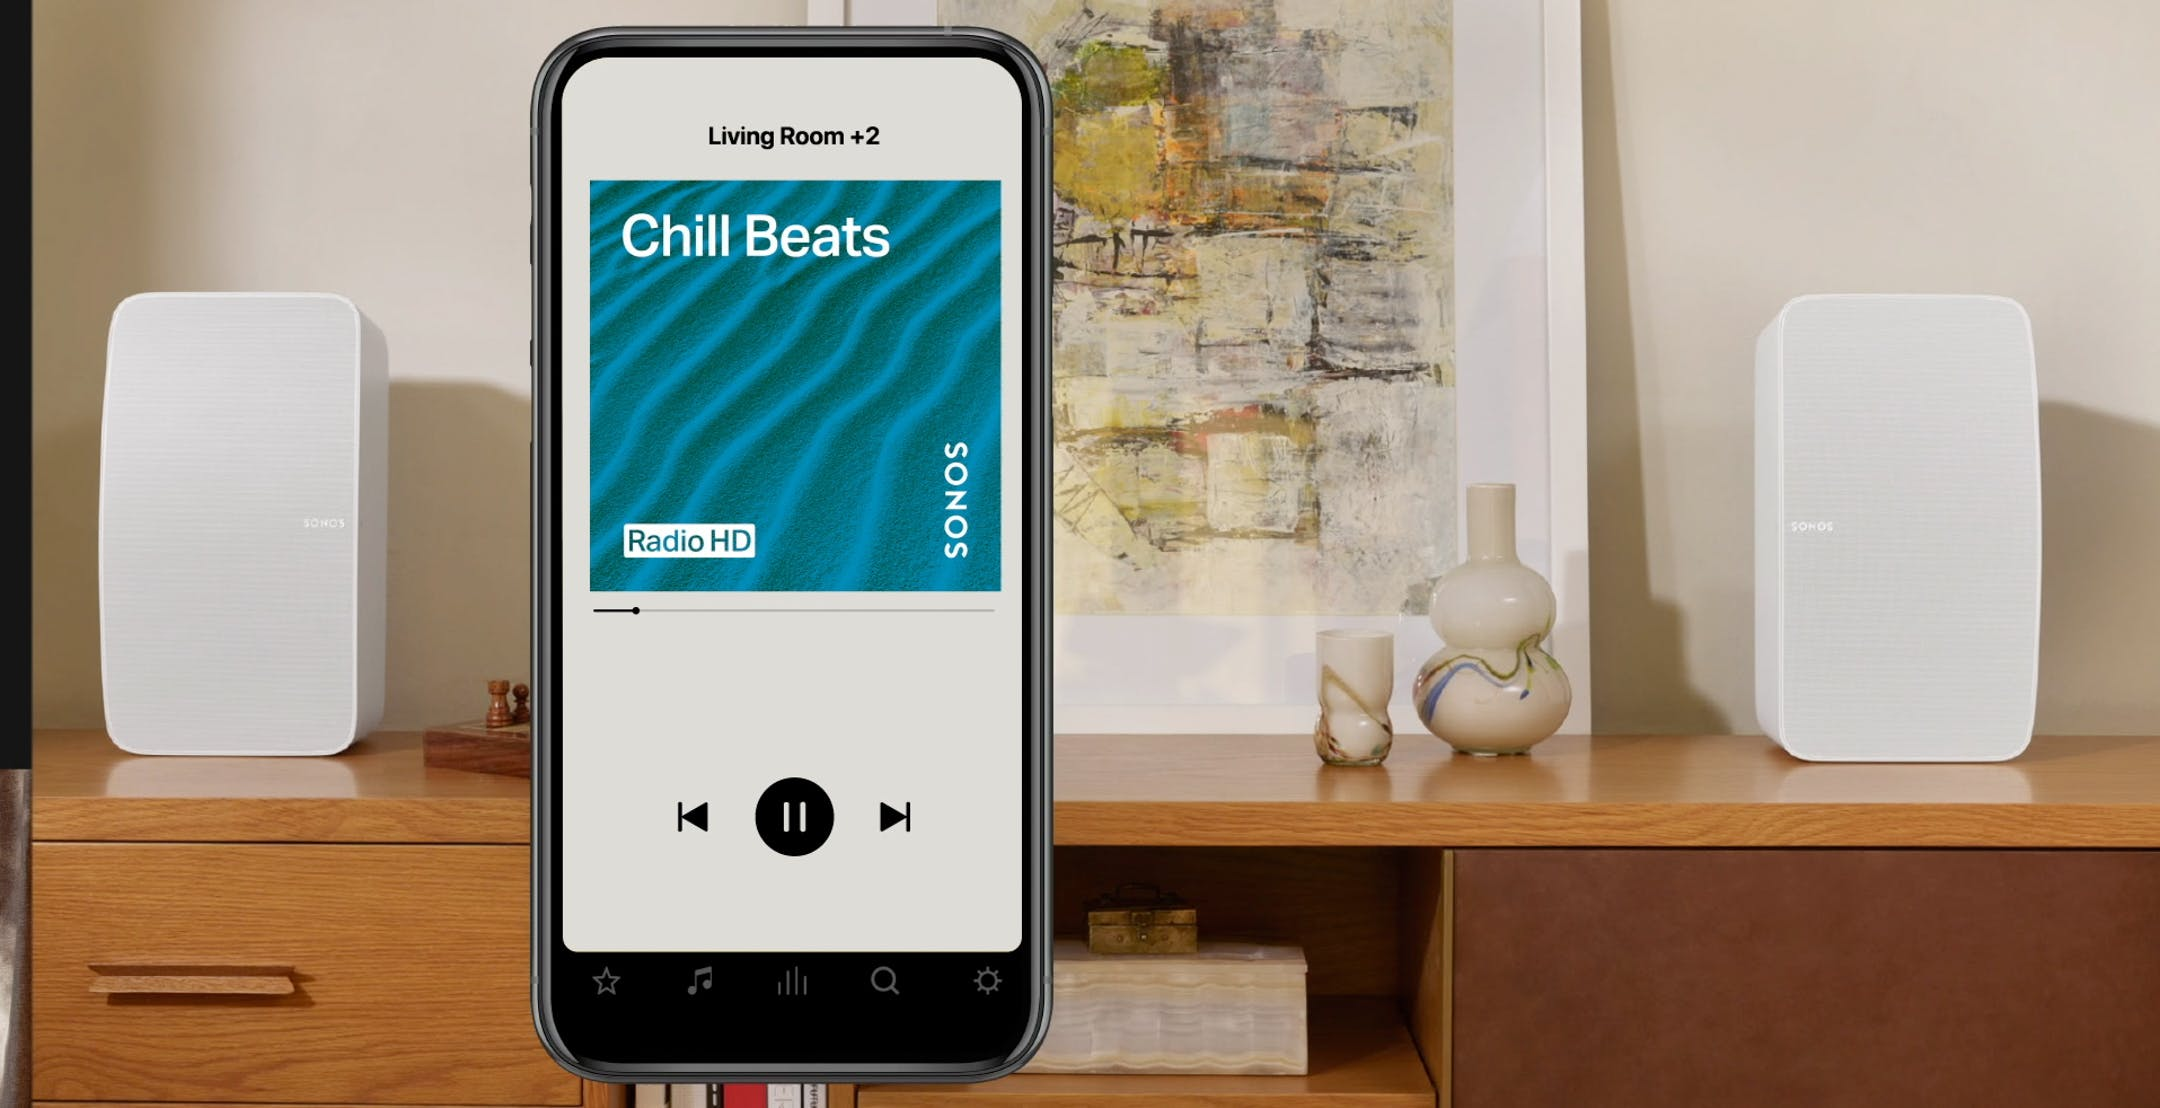 Al via in USA e UK Sonos Radio HD: musica FLAC e senza pubblicità. Ma si paga